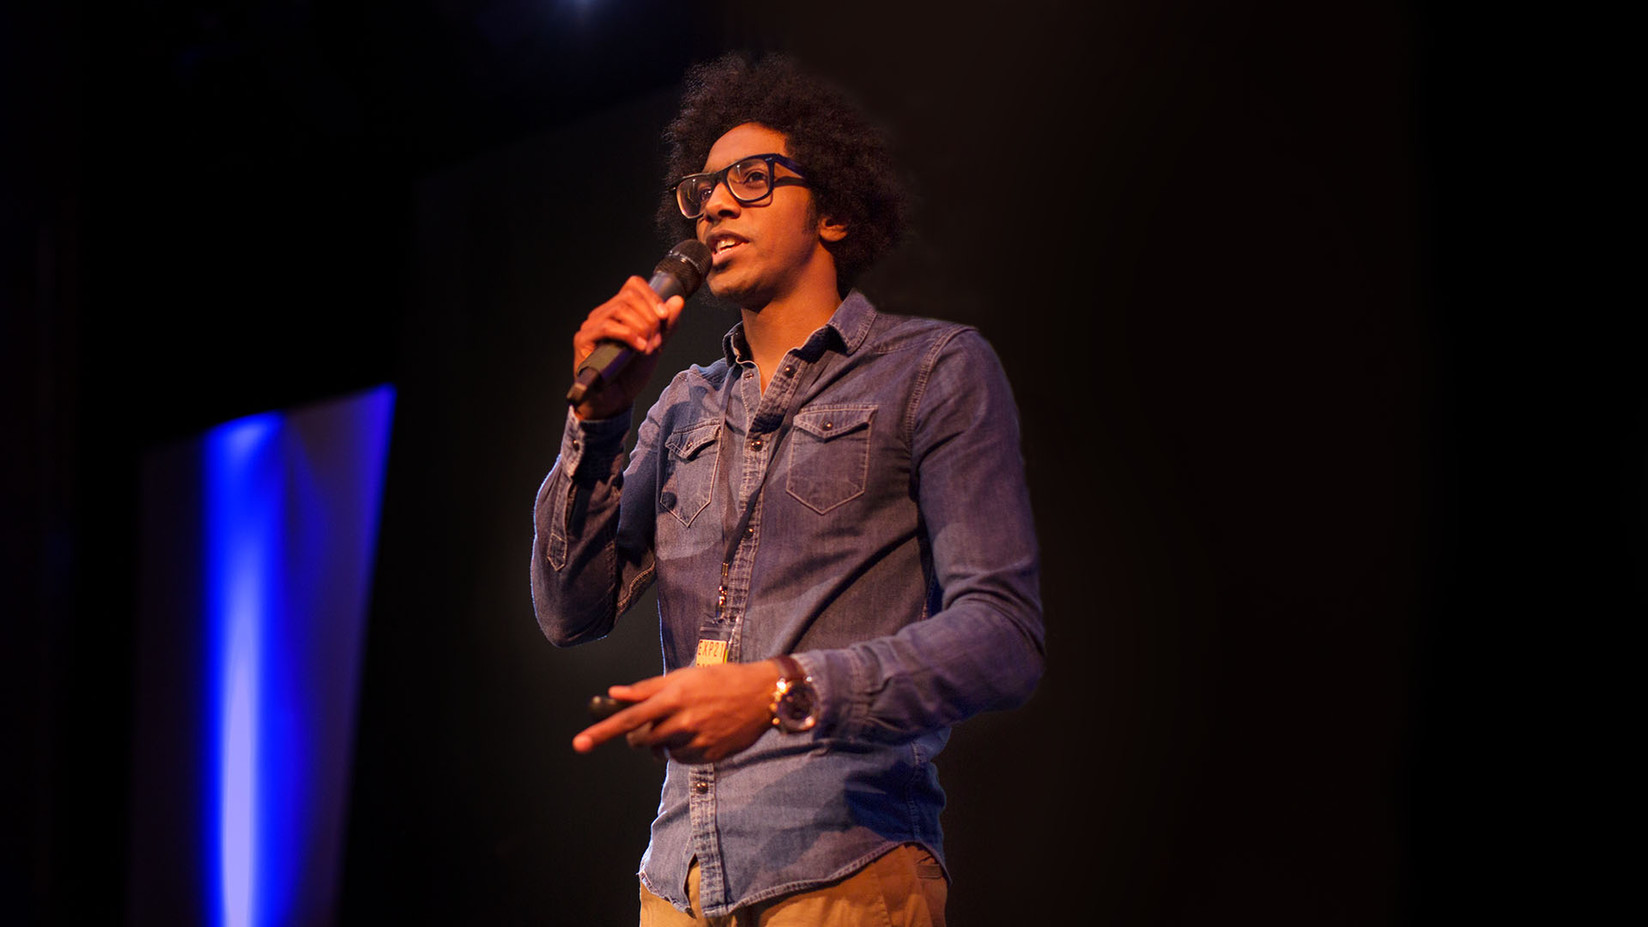 Young-Motivational-Speaker.jpg